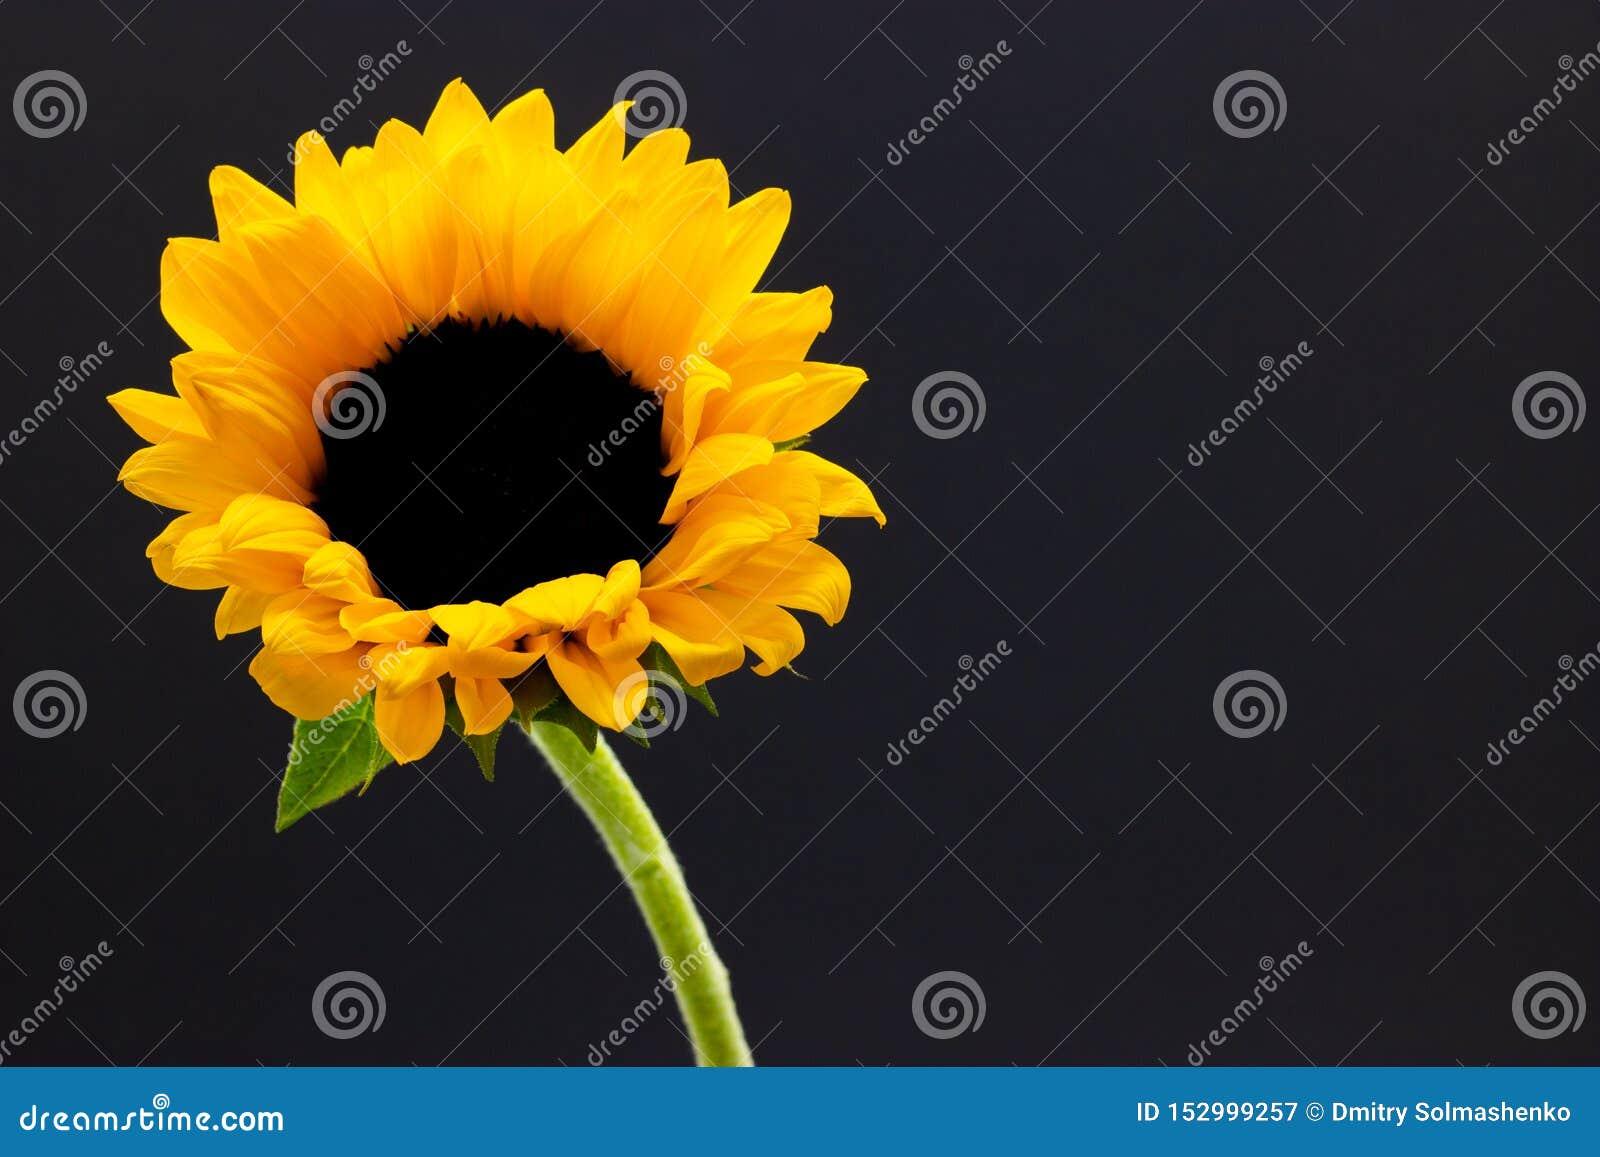 Helianthus, decorative sunflower flower on a dark background floral background